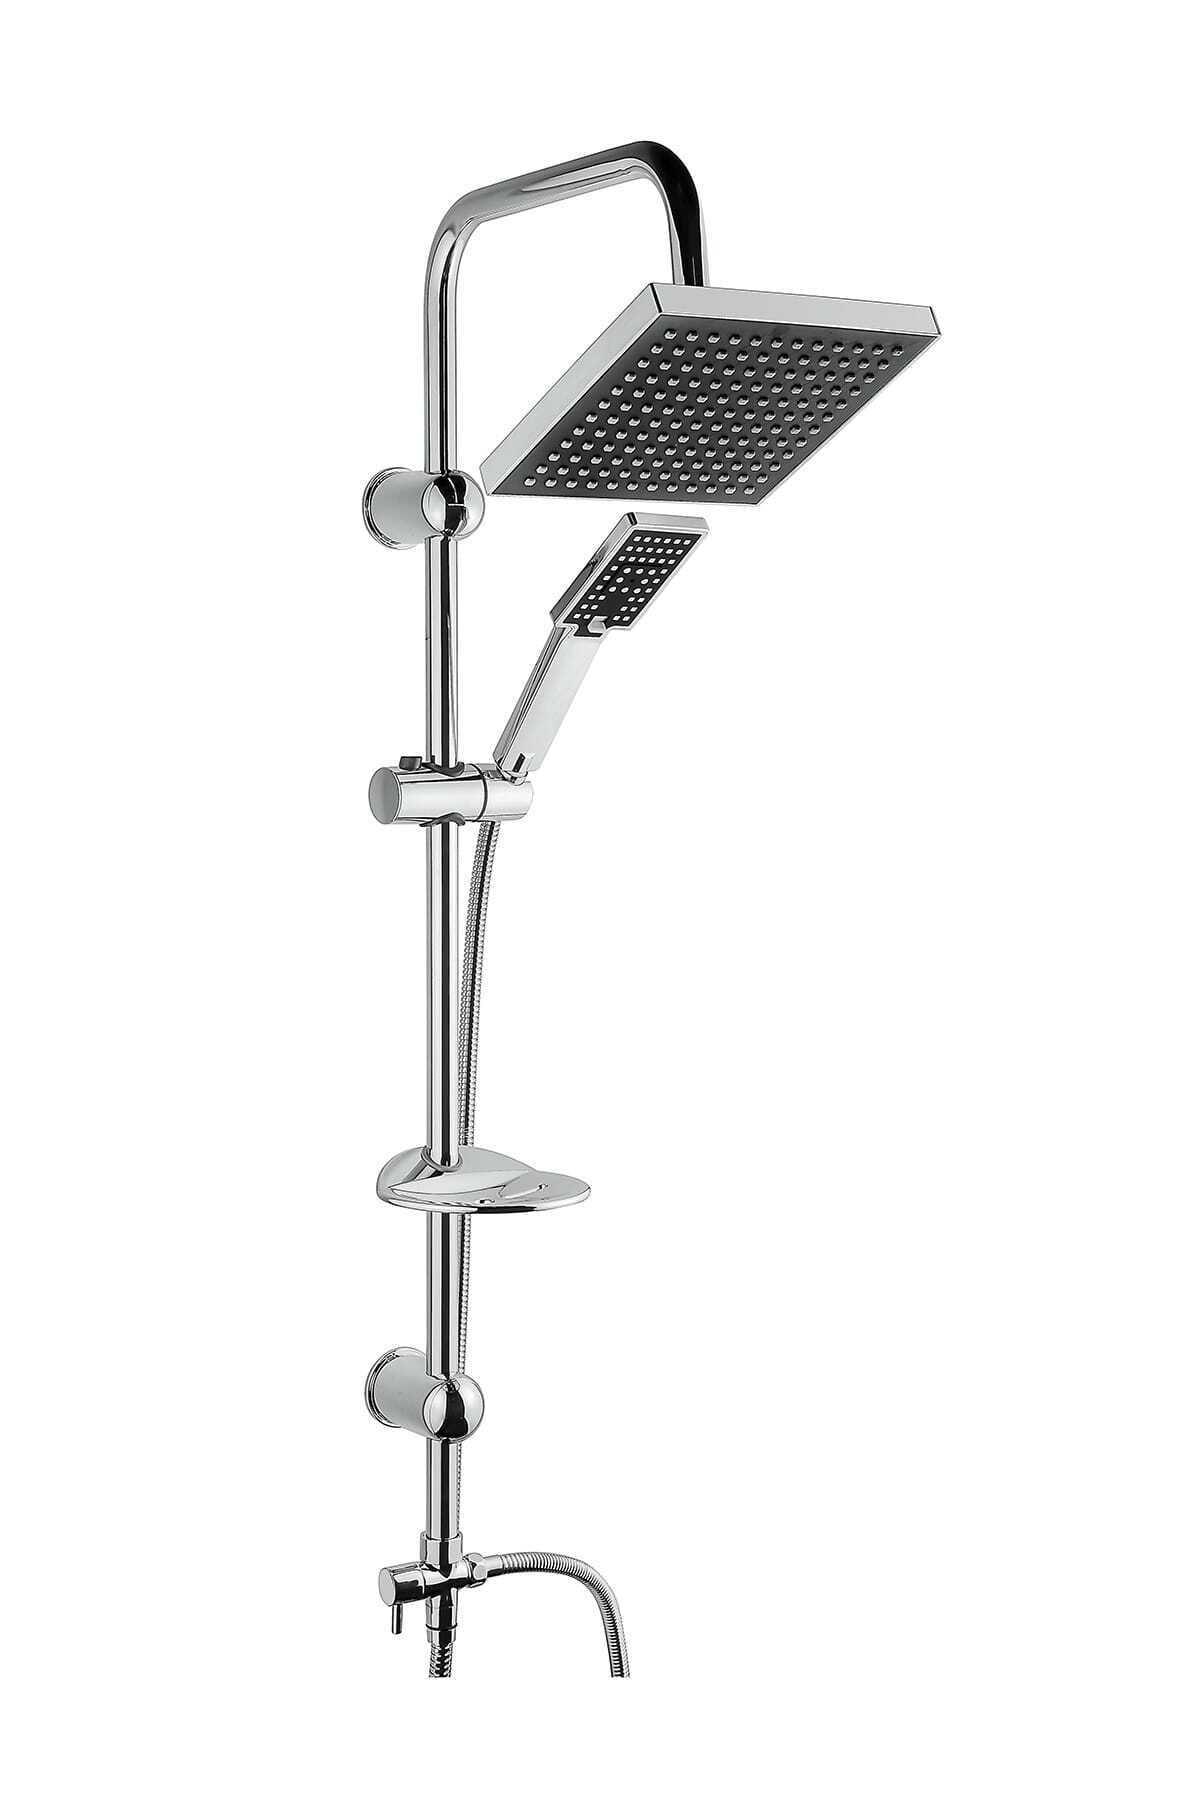 Vilas Sigma Fonksiyonlu Robot Yağmurlama Tepe Duş Seti 1